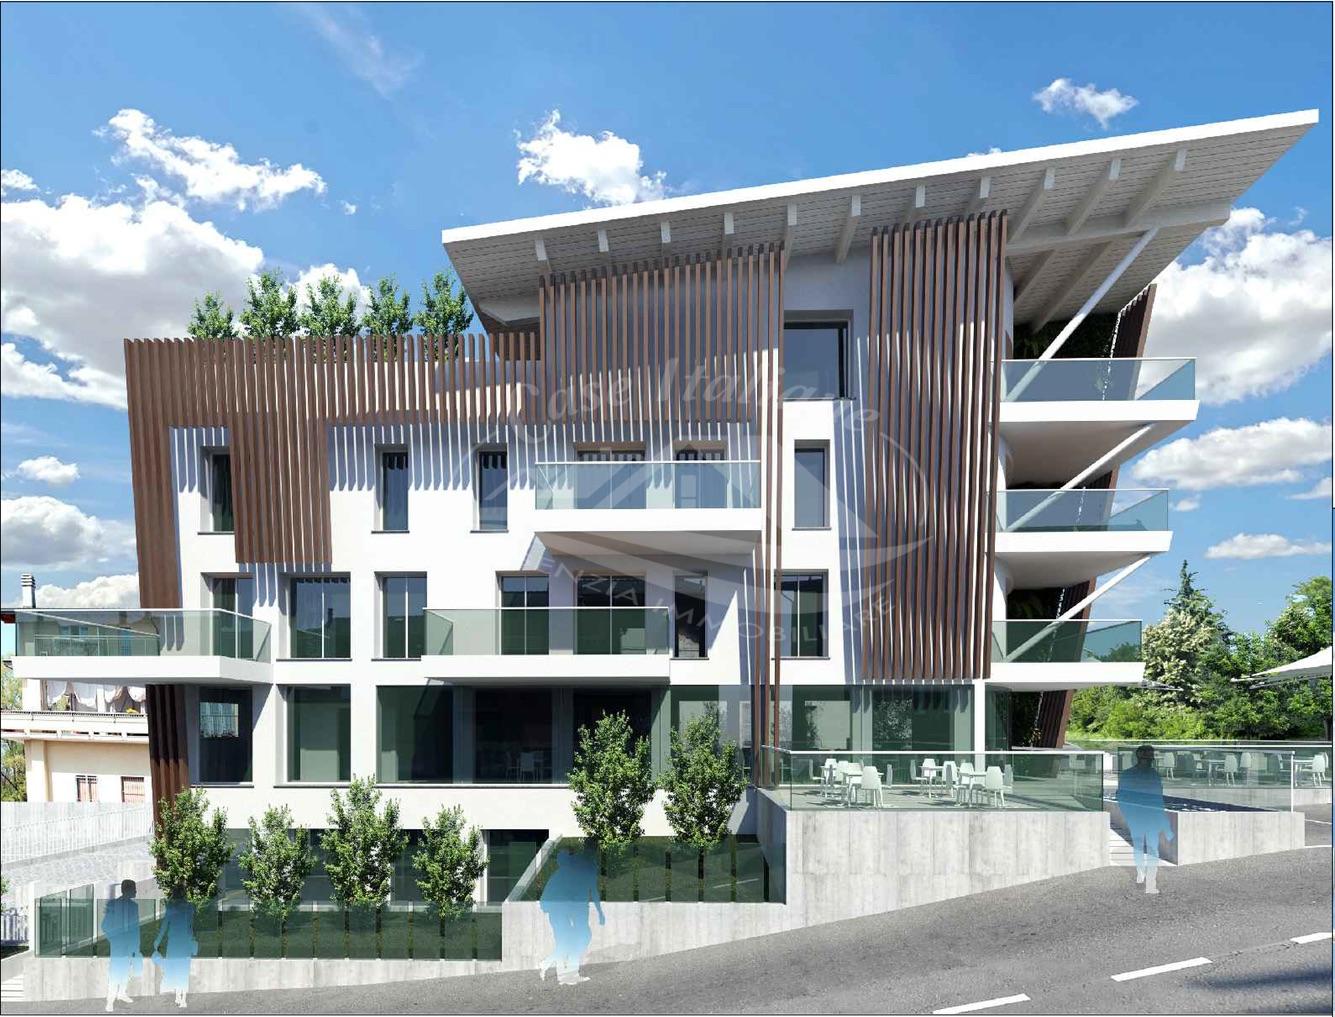 Nuovo bilocale con terrazzo in vendita a Cantu'